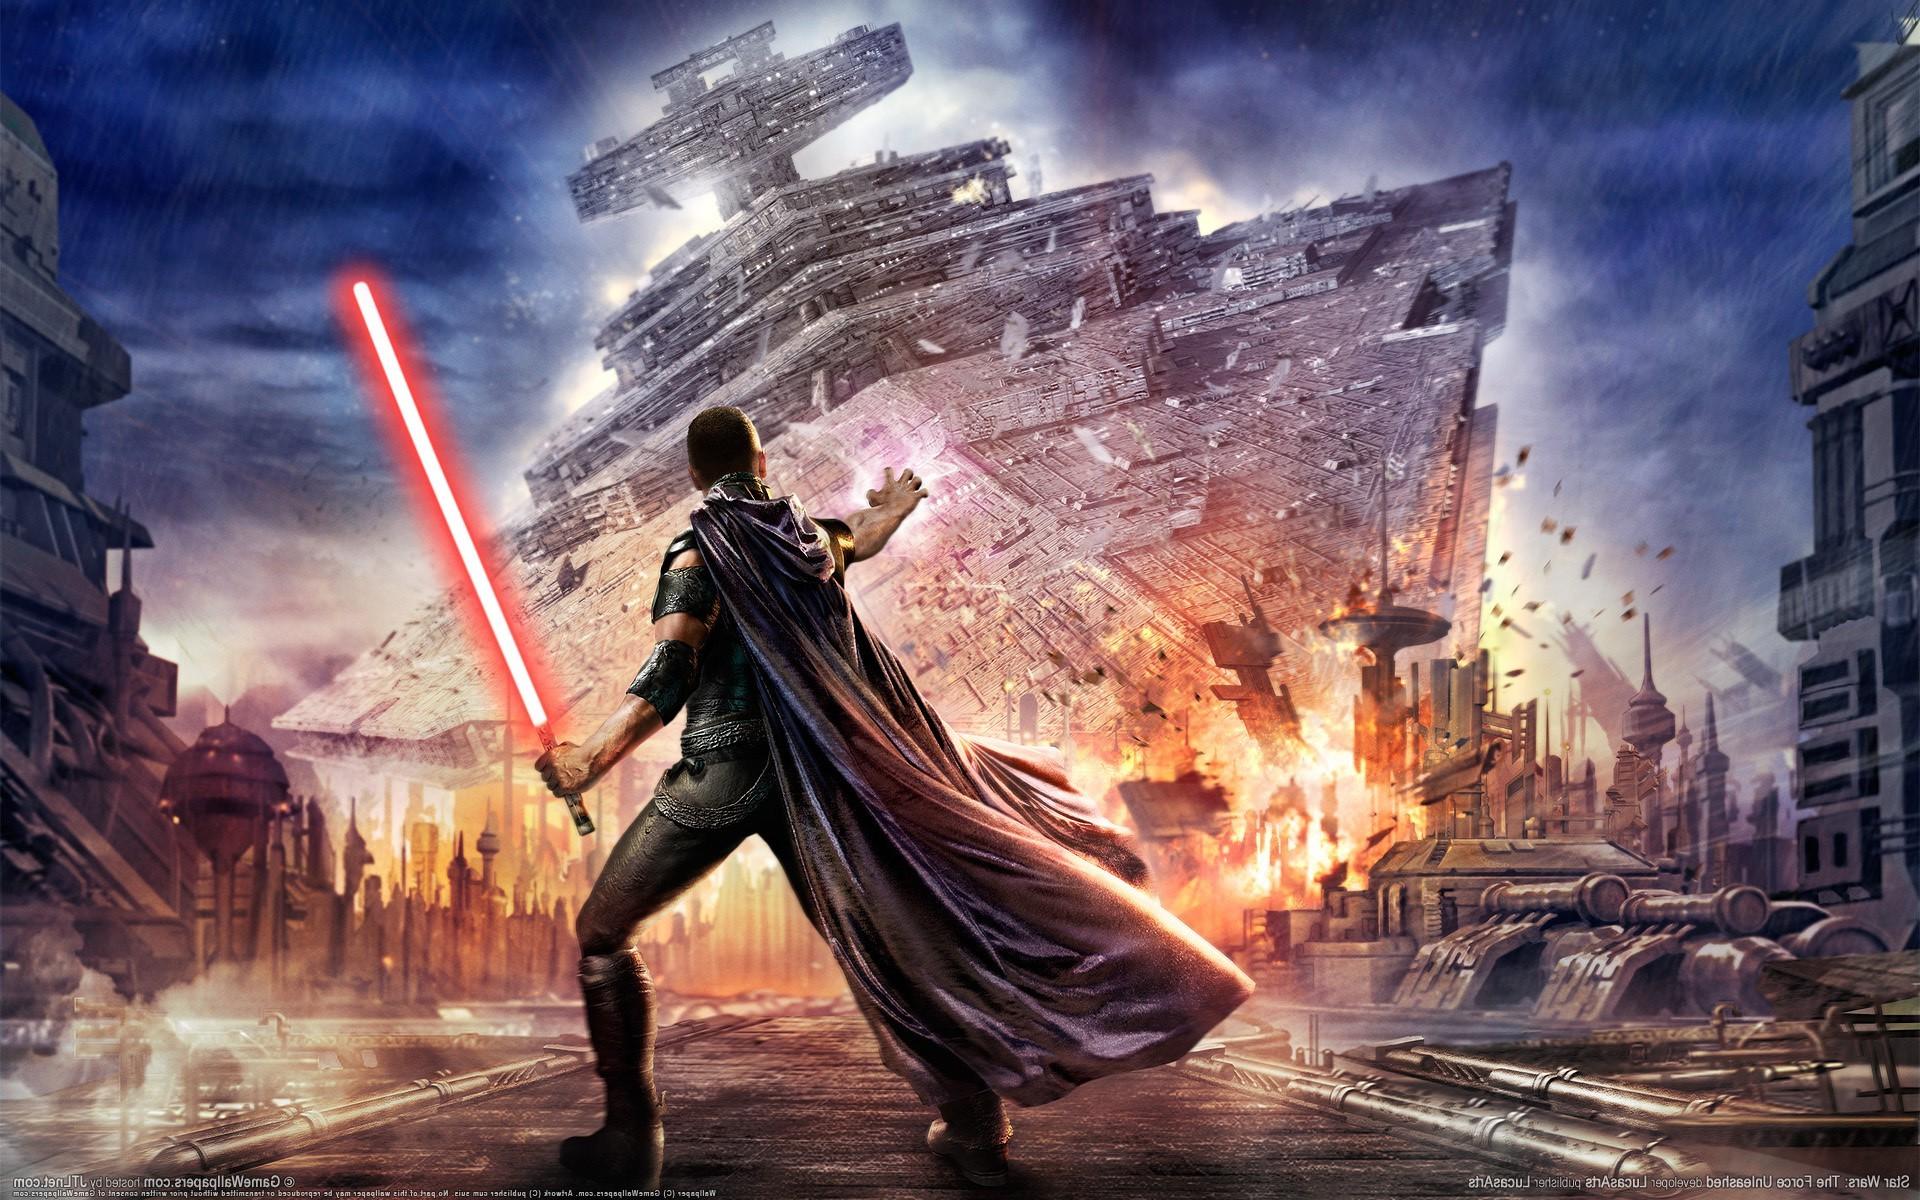 video Games, Star Wars, Star Wars: The Force Unleashed, Star Destroyer,  Lightsaber, Starkiller, Galen Marek Wallpapers HD / Desktop and Mobile  Backgrounds